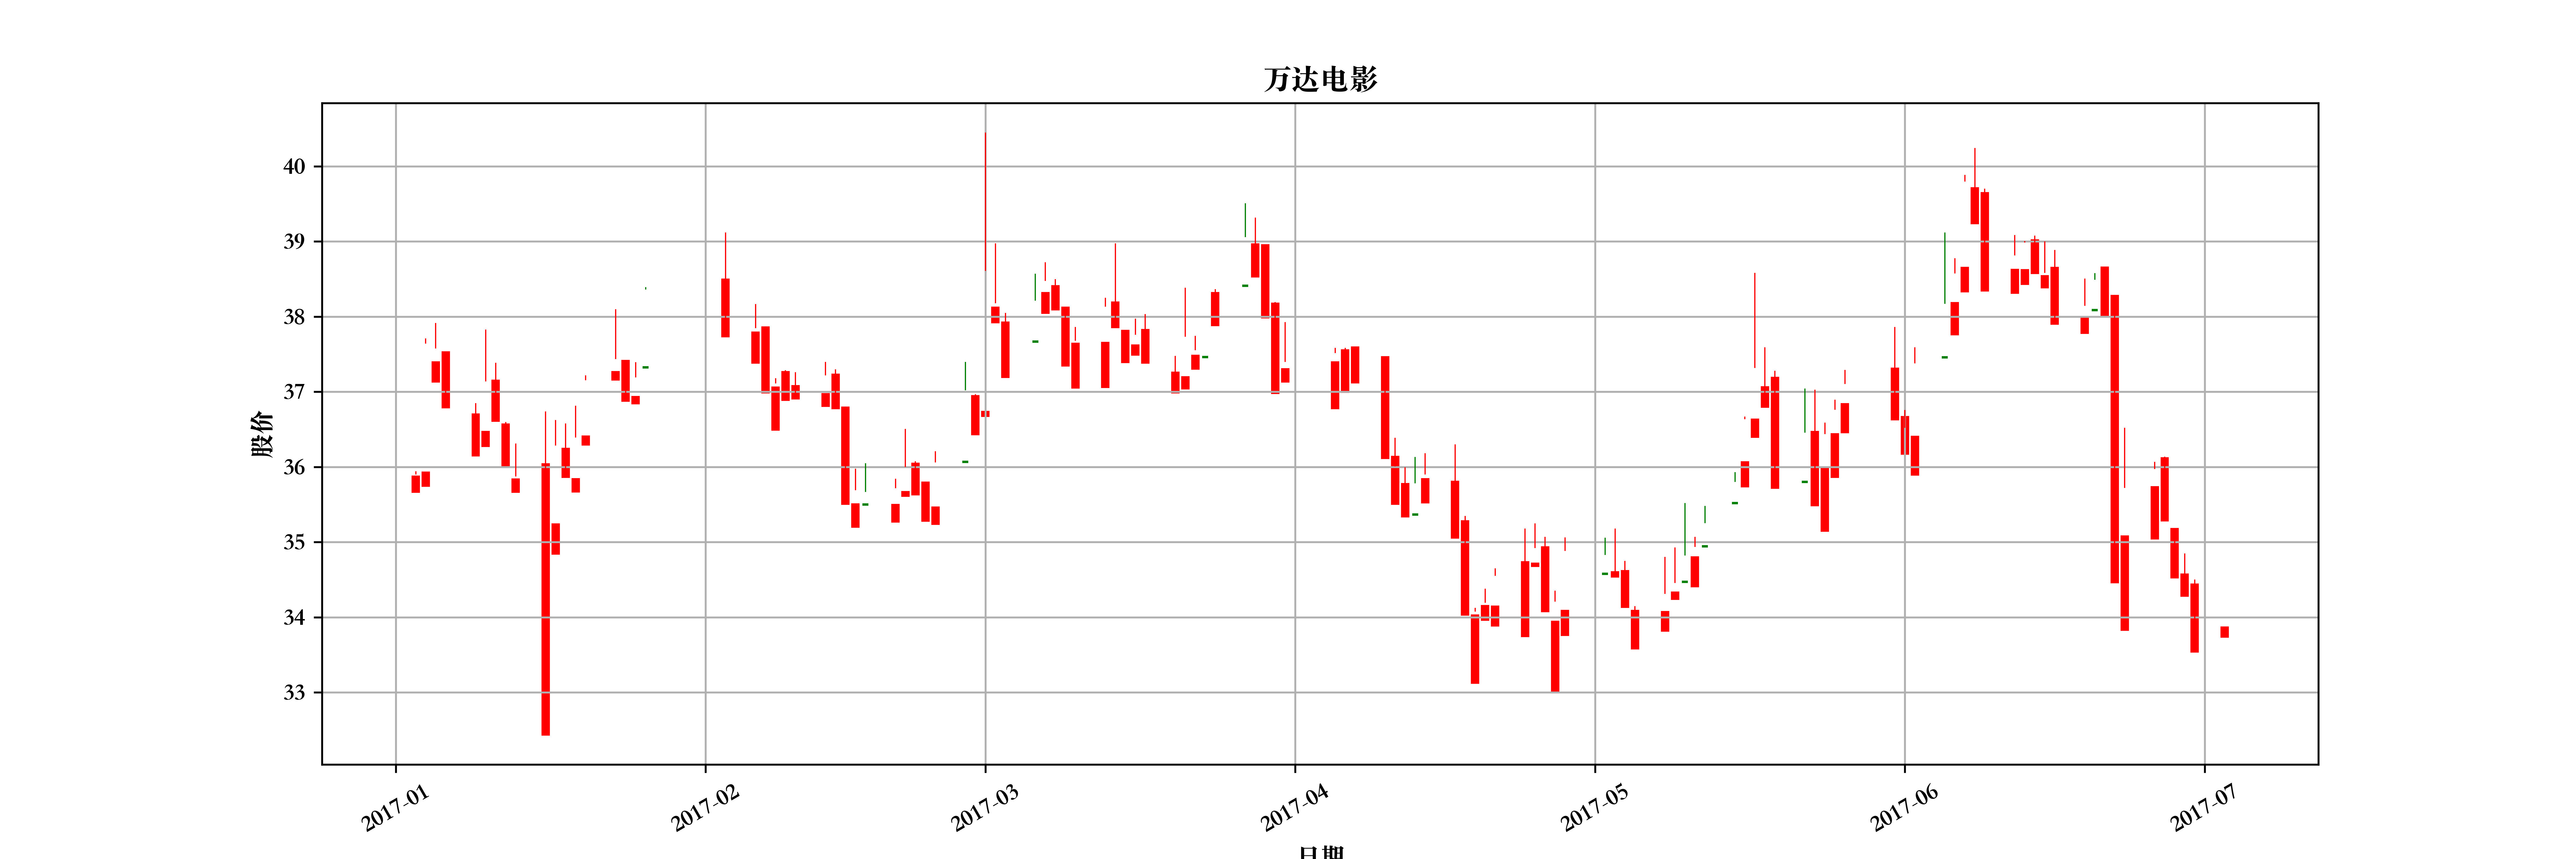 万达电影股价蜡烛图(绿涨红跌)